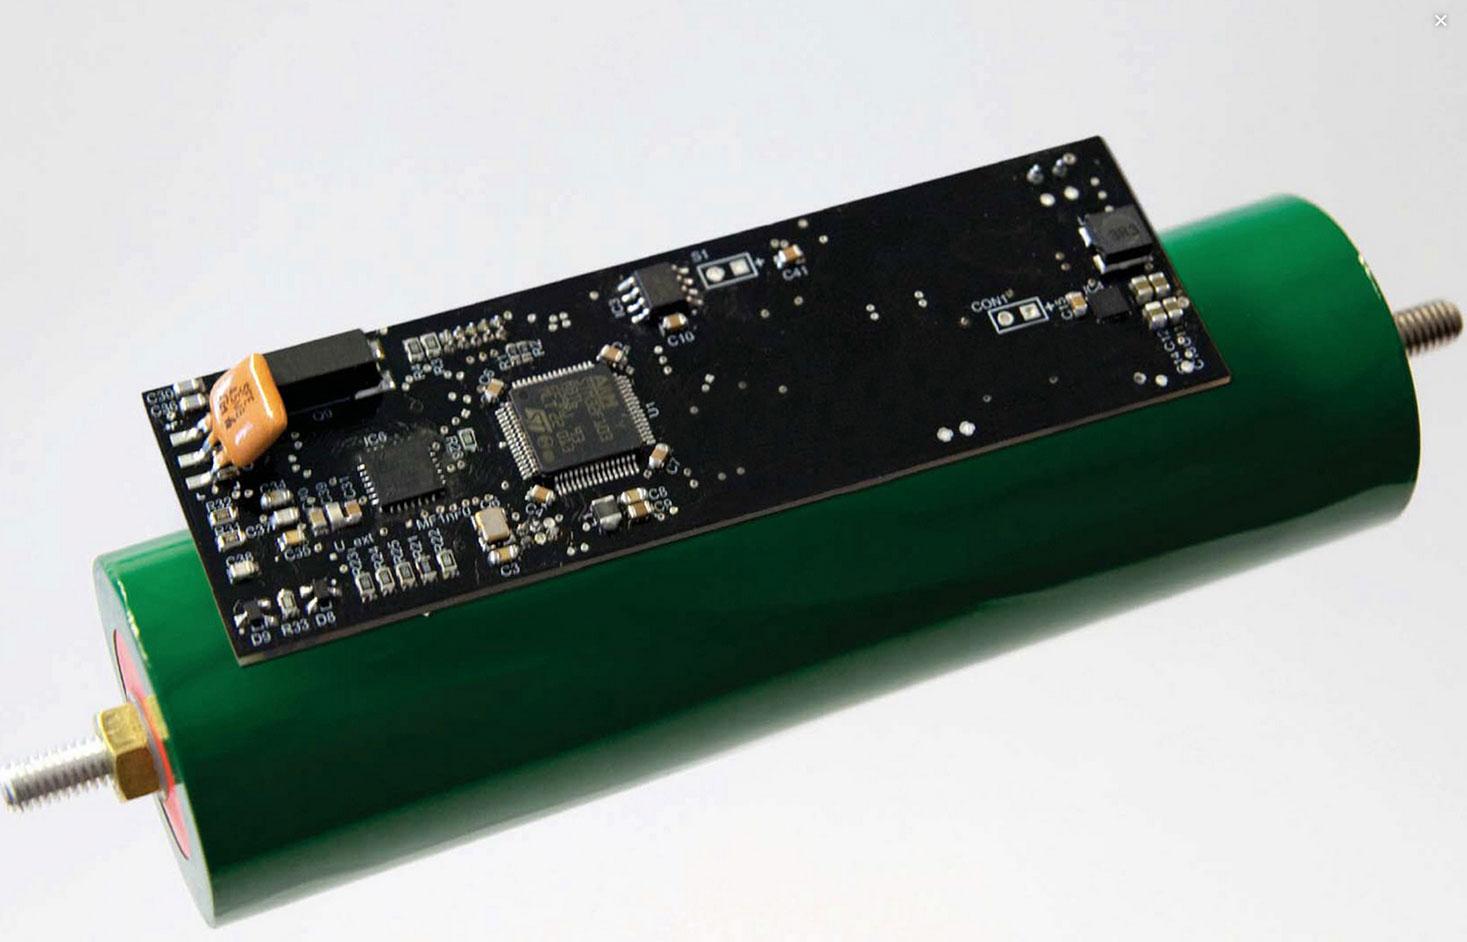 Die Batterie ist das Herzstück des Elektroautos. Fraunhofer-Forscher haben einen Stromspeicher entwickelt, der über den gesamten Lebenszyklus deutlich kostengünstiger sein soll als bisherige Modelle. Ist eine der über hundert Batteriezellen defekt, lässt sie sich einfach austauschen. Bisher wird der gesamte Akku ausgewechselt.